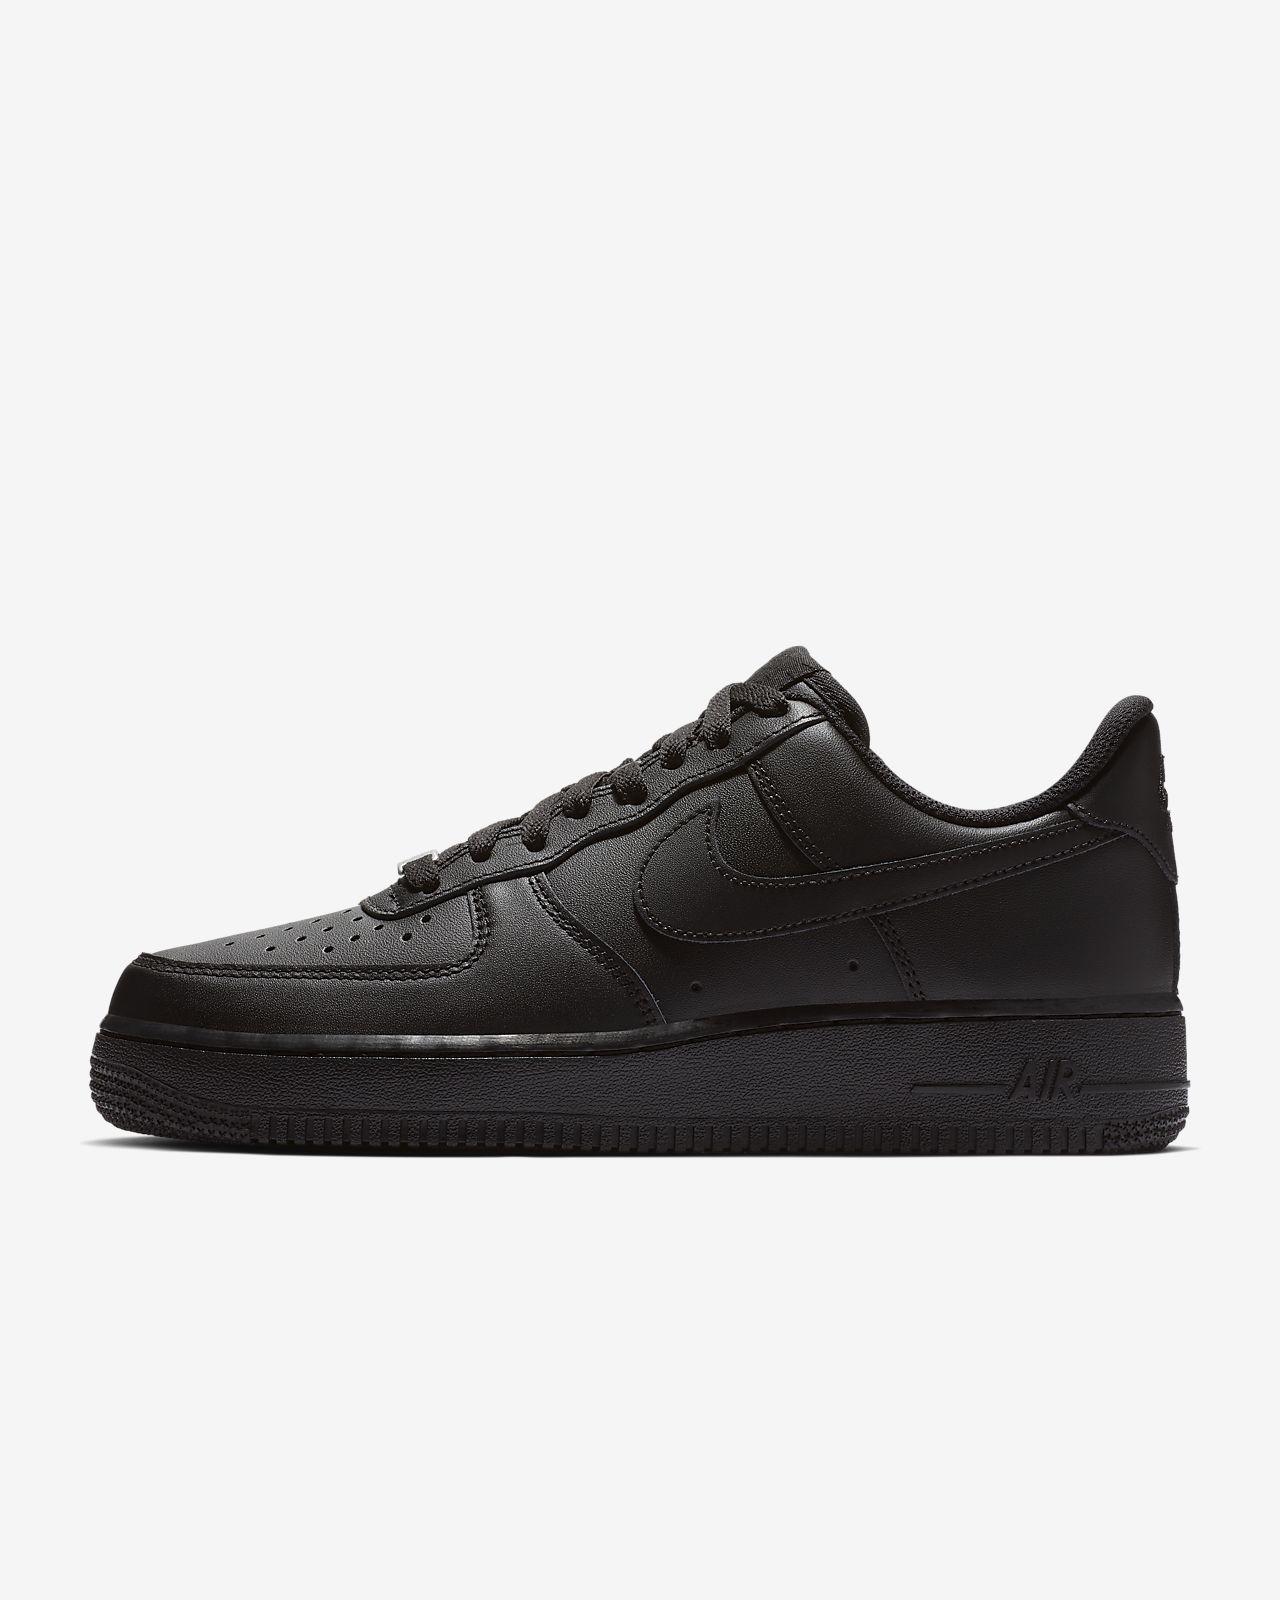 Nike Air Force 1 '07 Triple Black Damenschuh